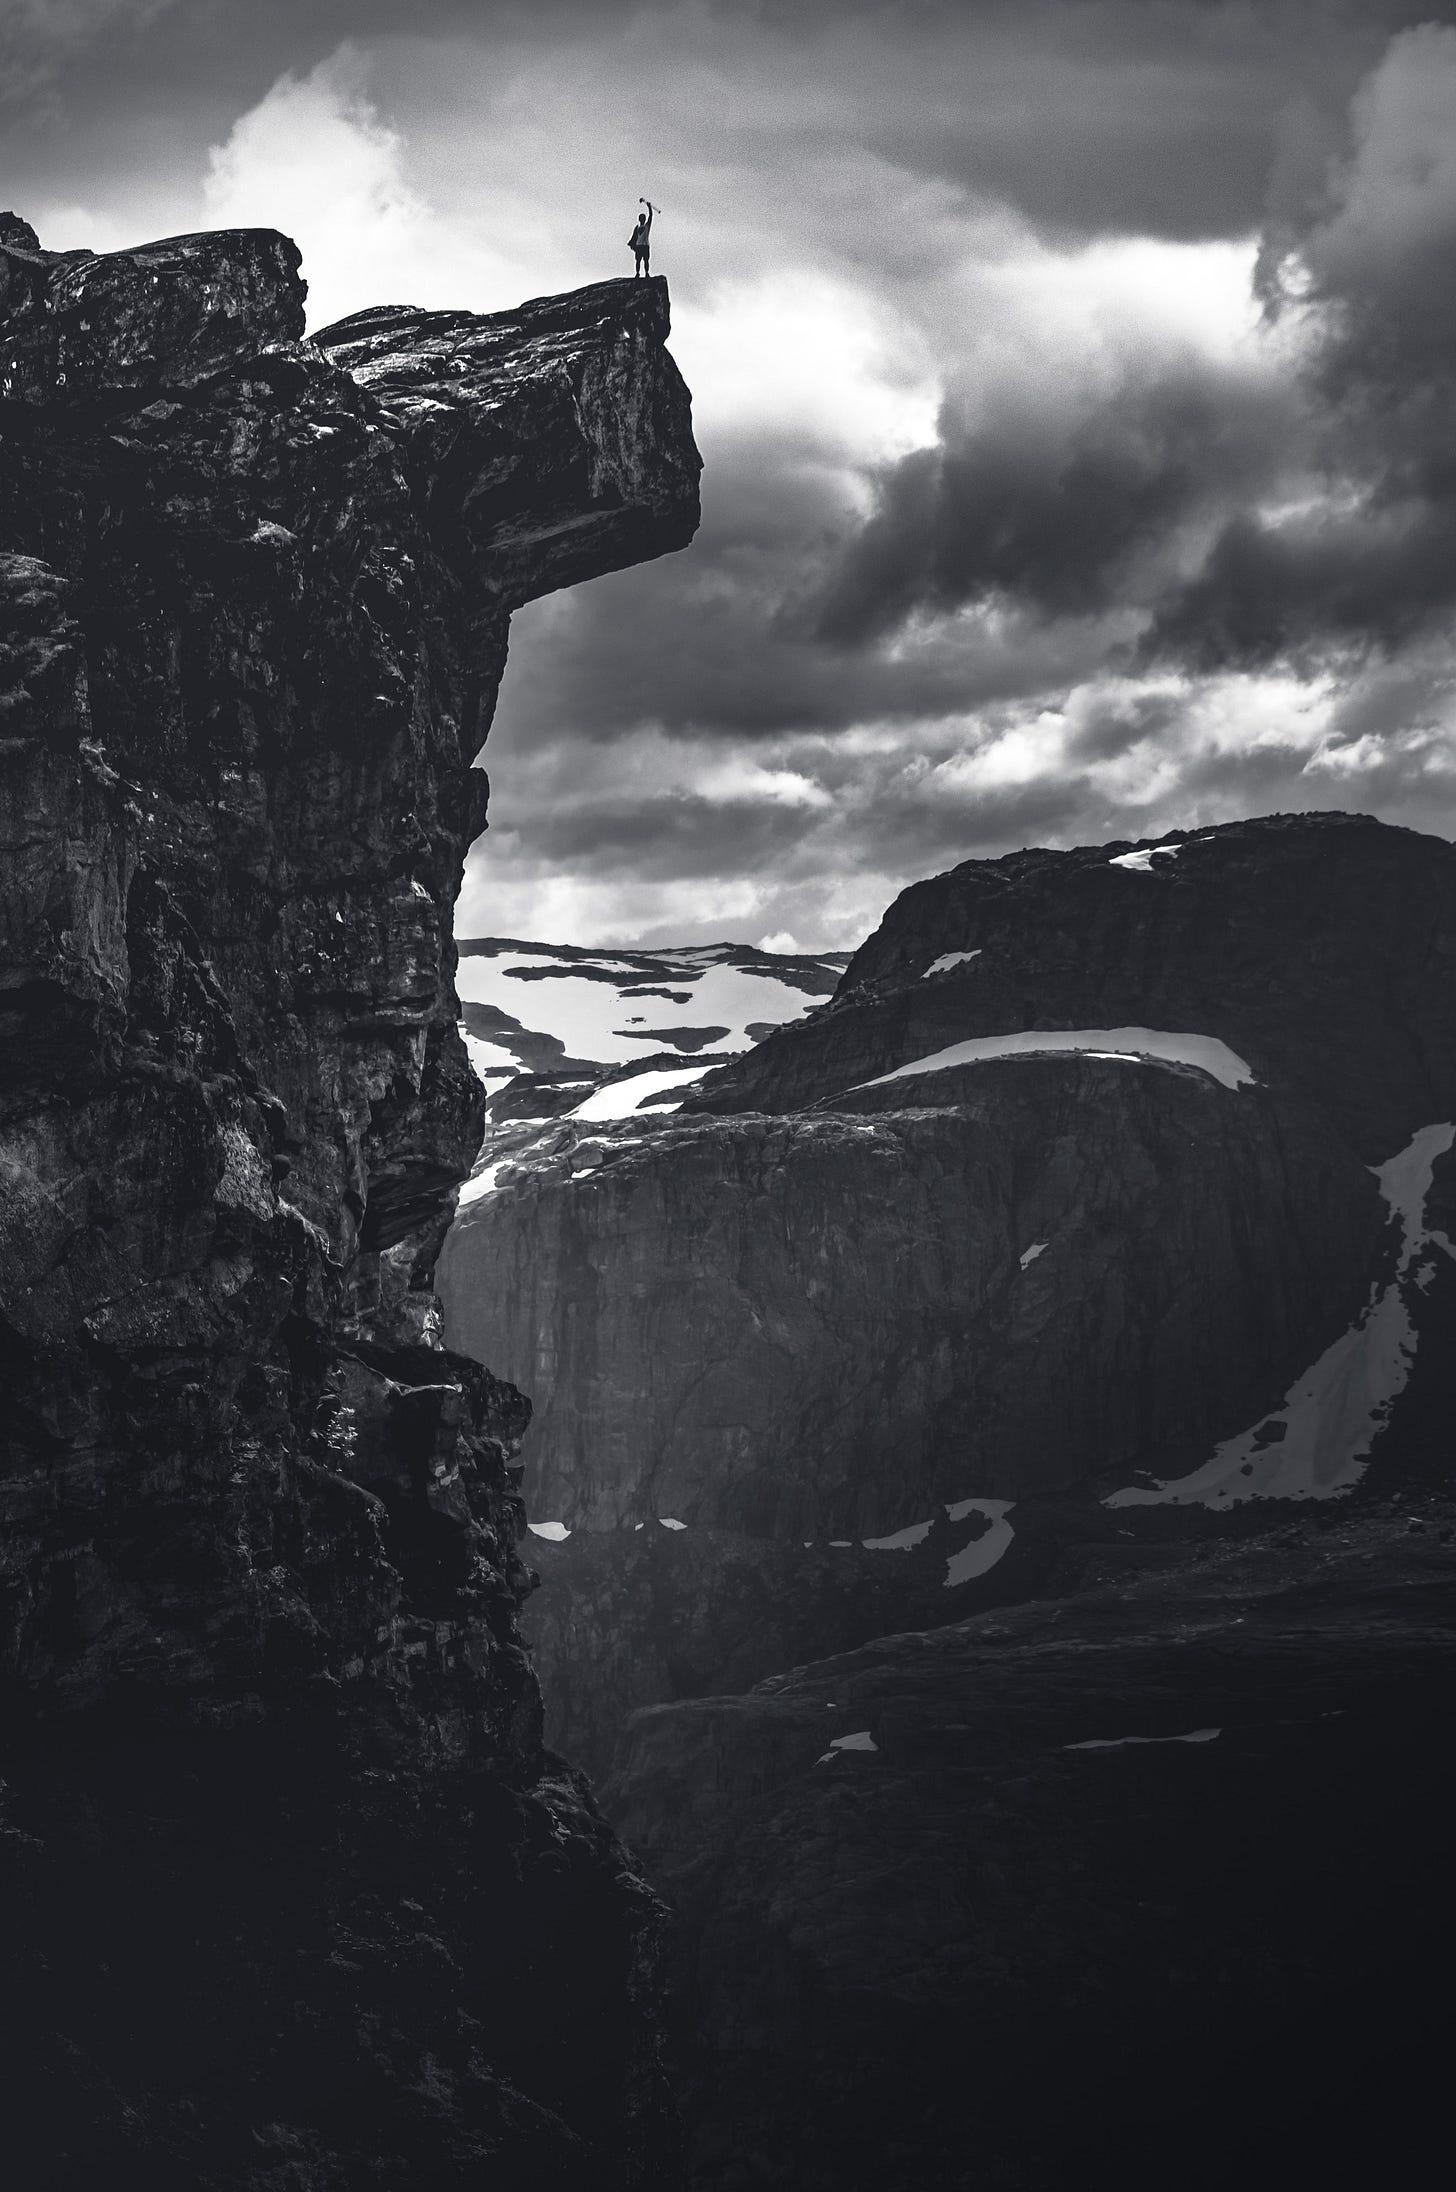 imagem em preto e branco de uma paisagem com um abismo e montanhas ao fundo